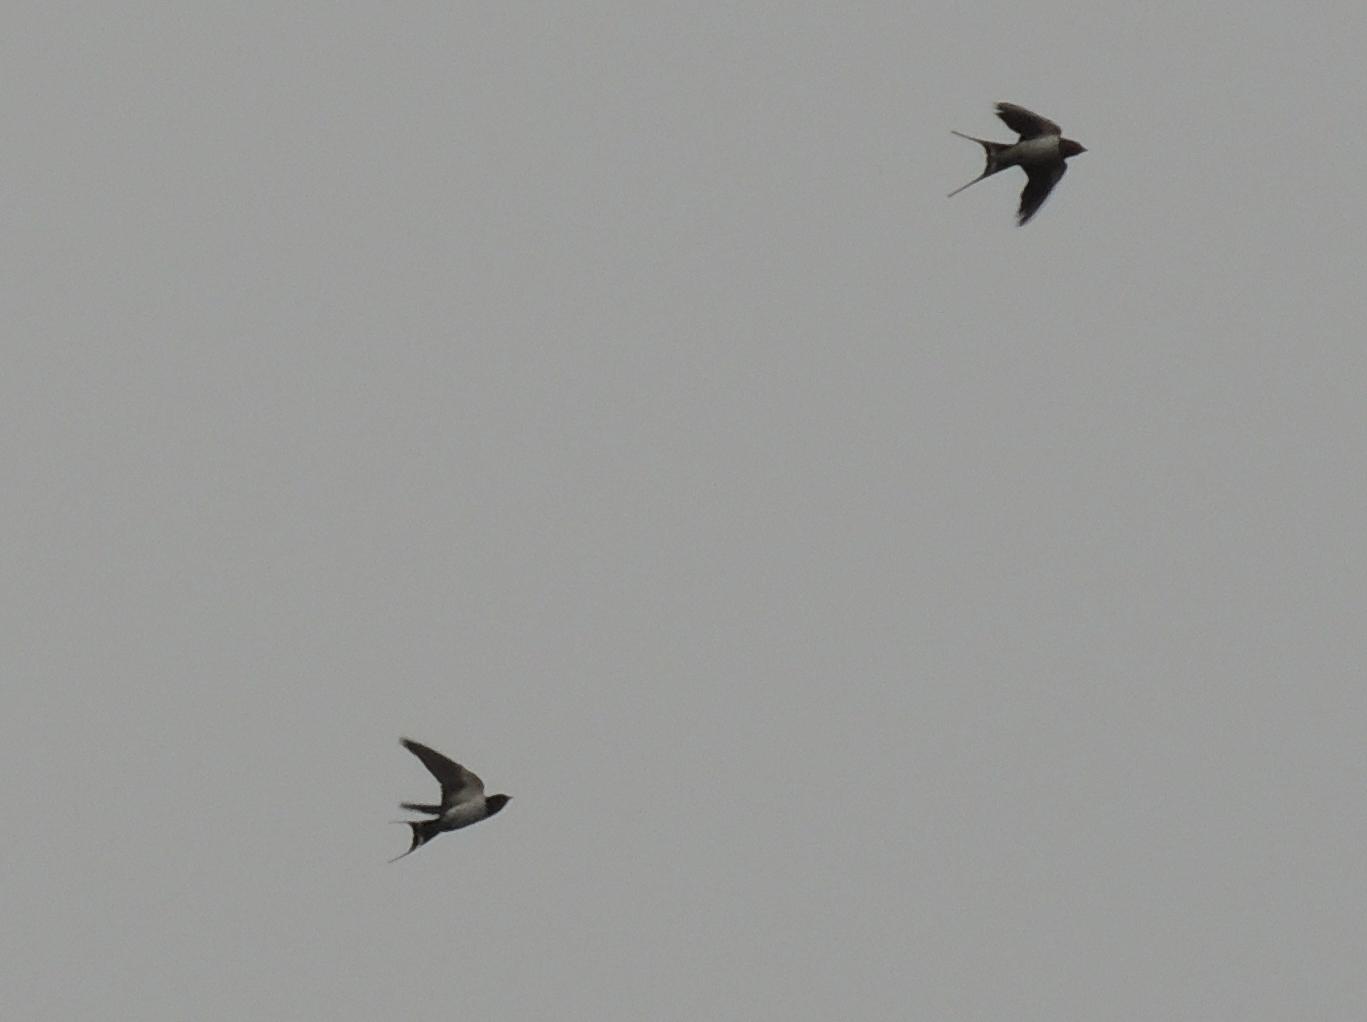 f0216489_19524016.jpg